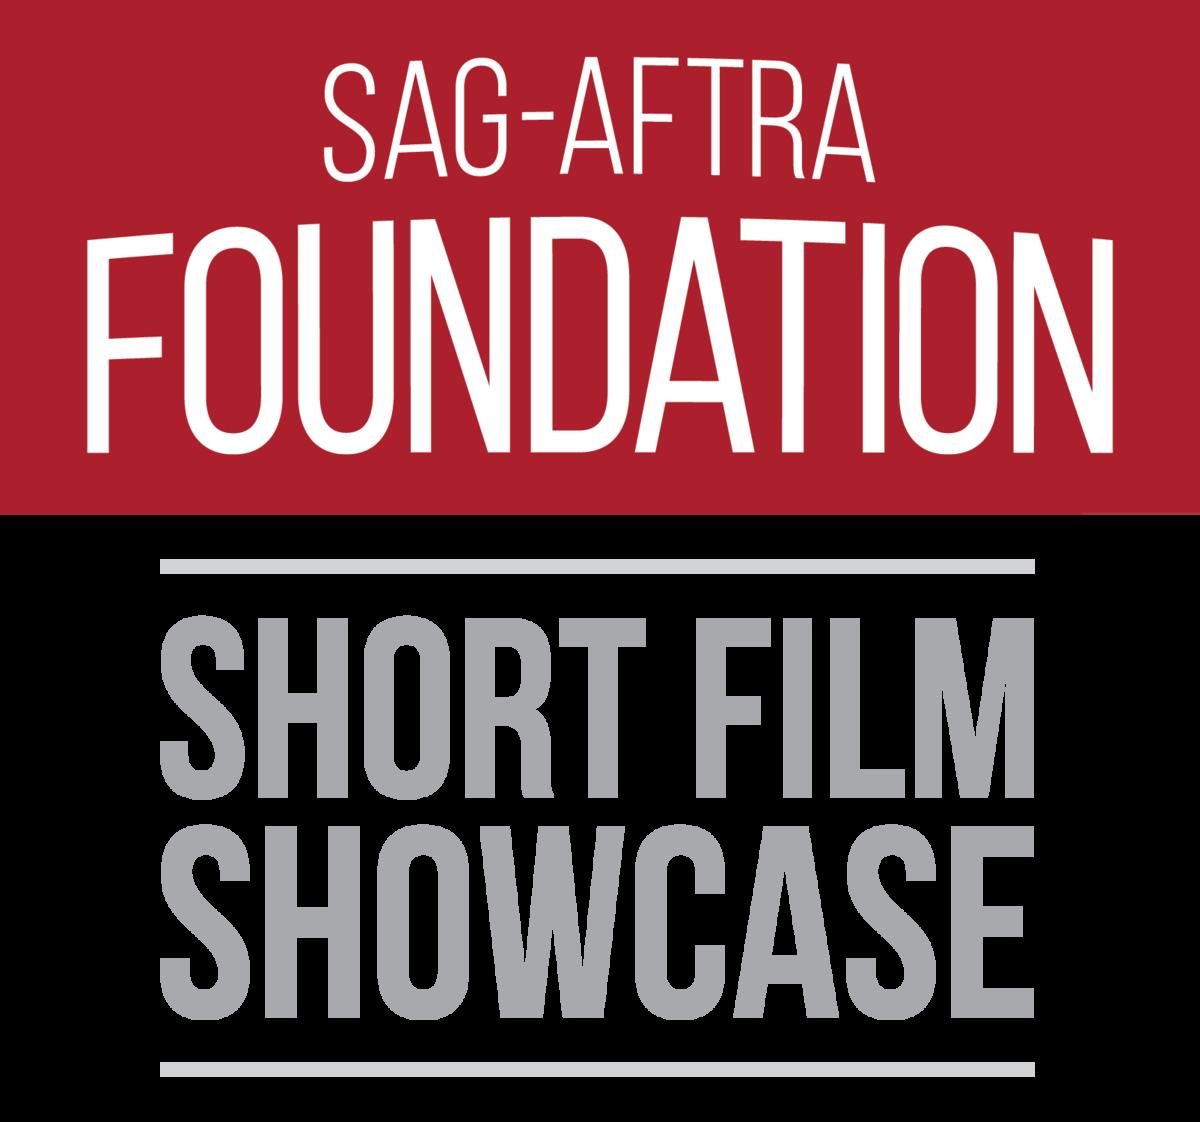 Saf shortfilmshowcase 02 %282%29